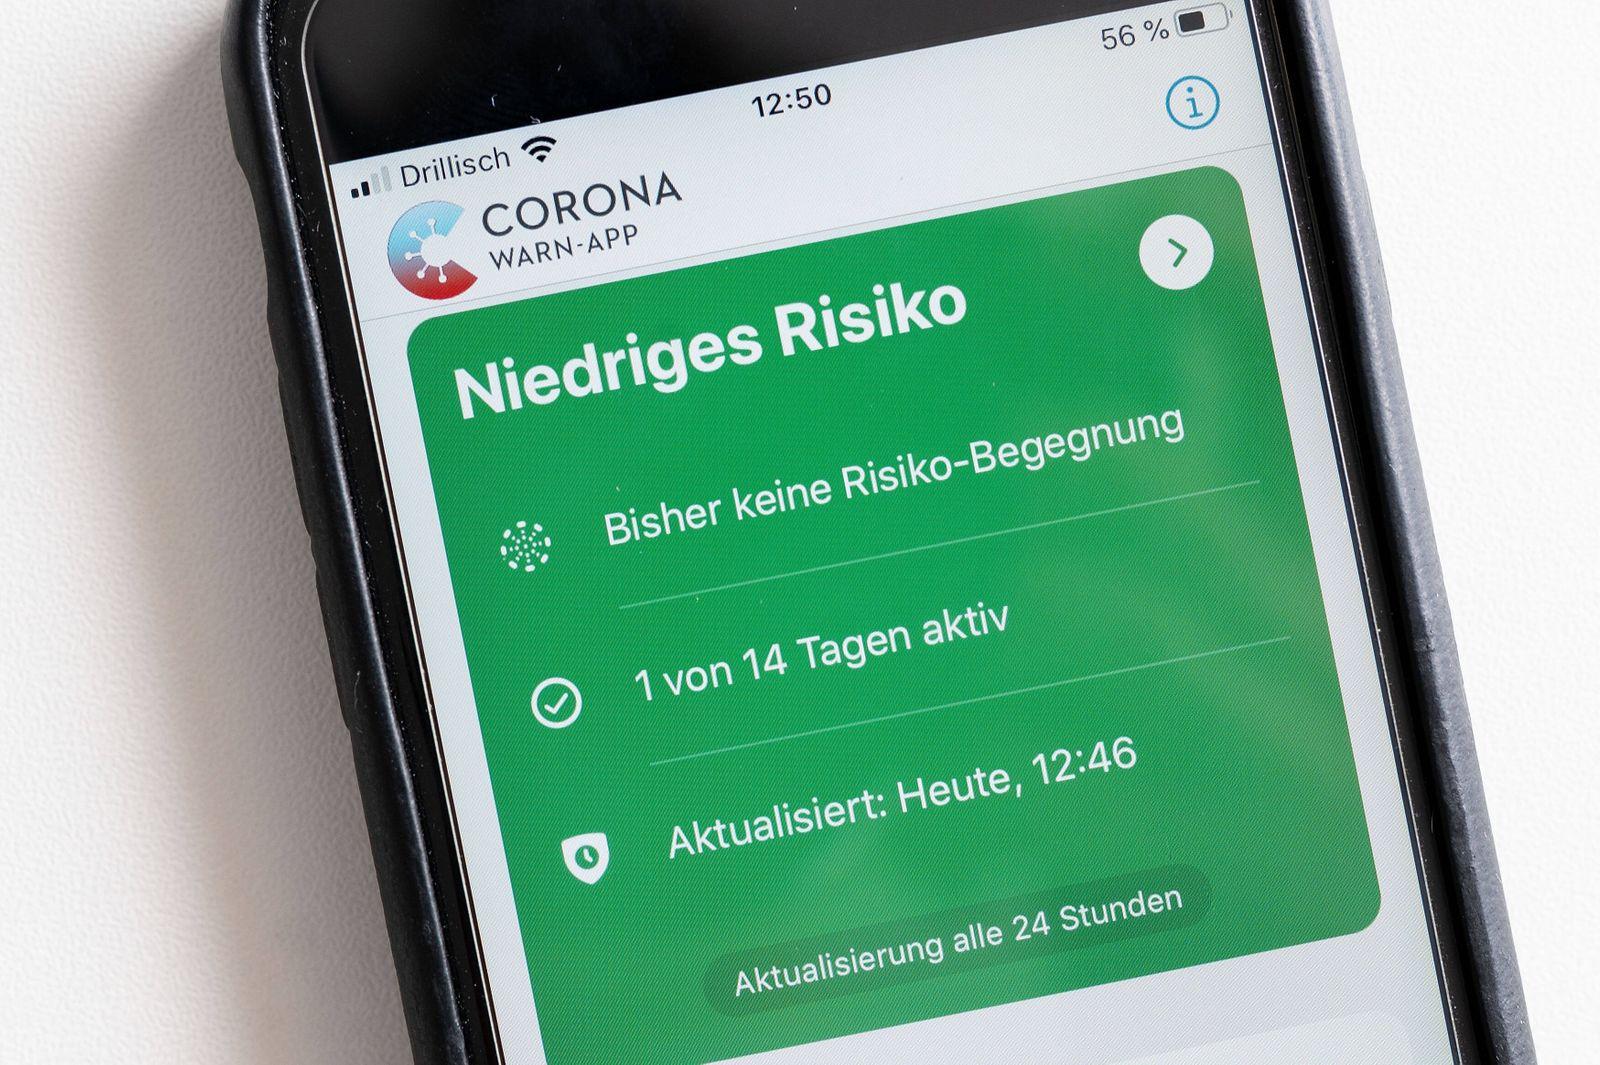 17.06.2020, xfux, Politik Medizin Vermischtes, Corona Warn App auf einem Apple iPhone, emwirt, empoli, emlahe, v.l. Die